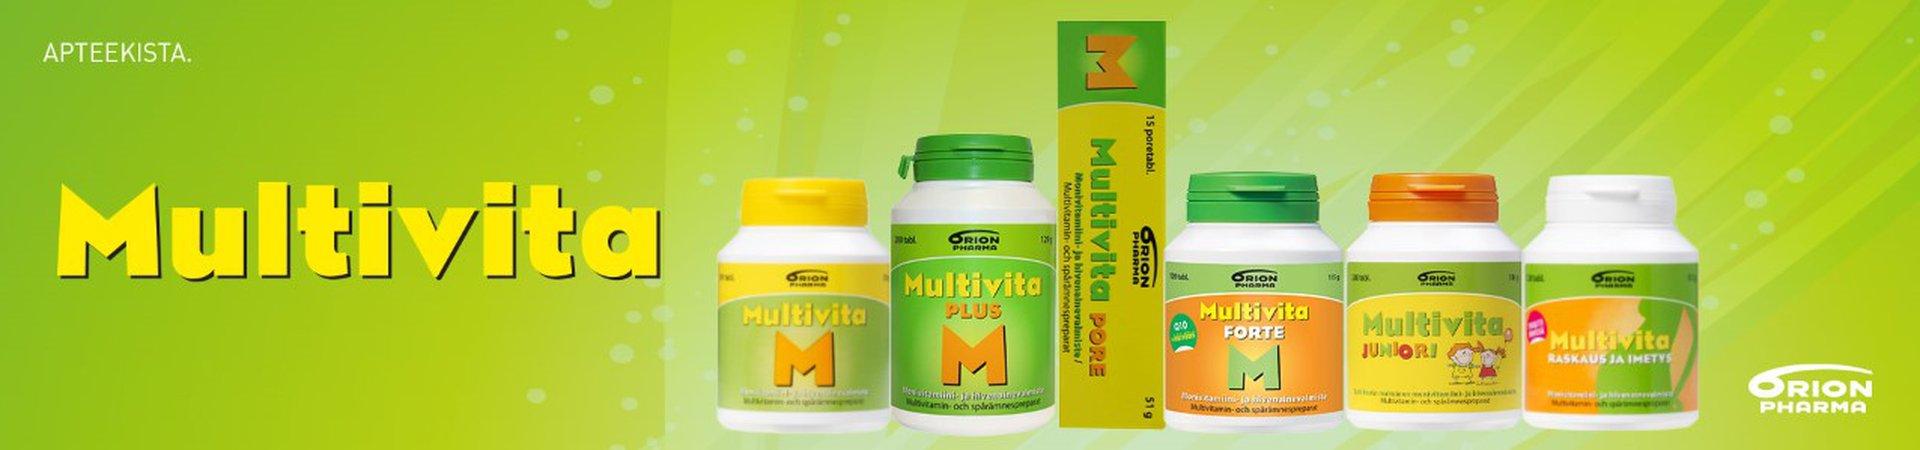 multivita vitamiini syksy orion syyskuu